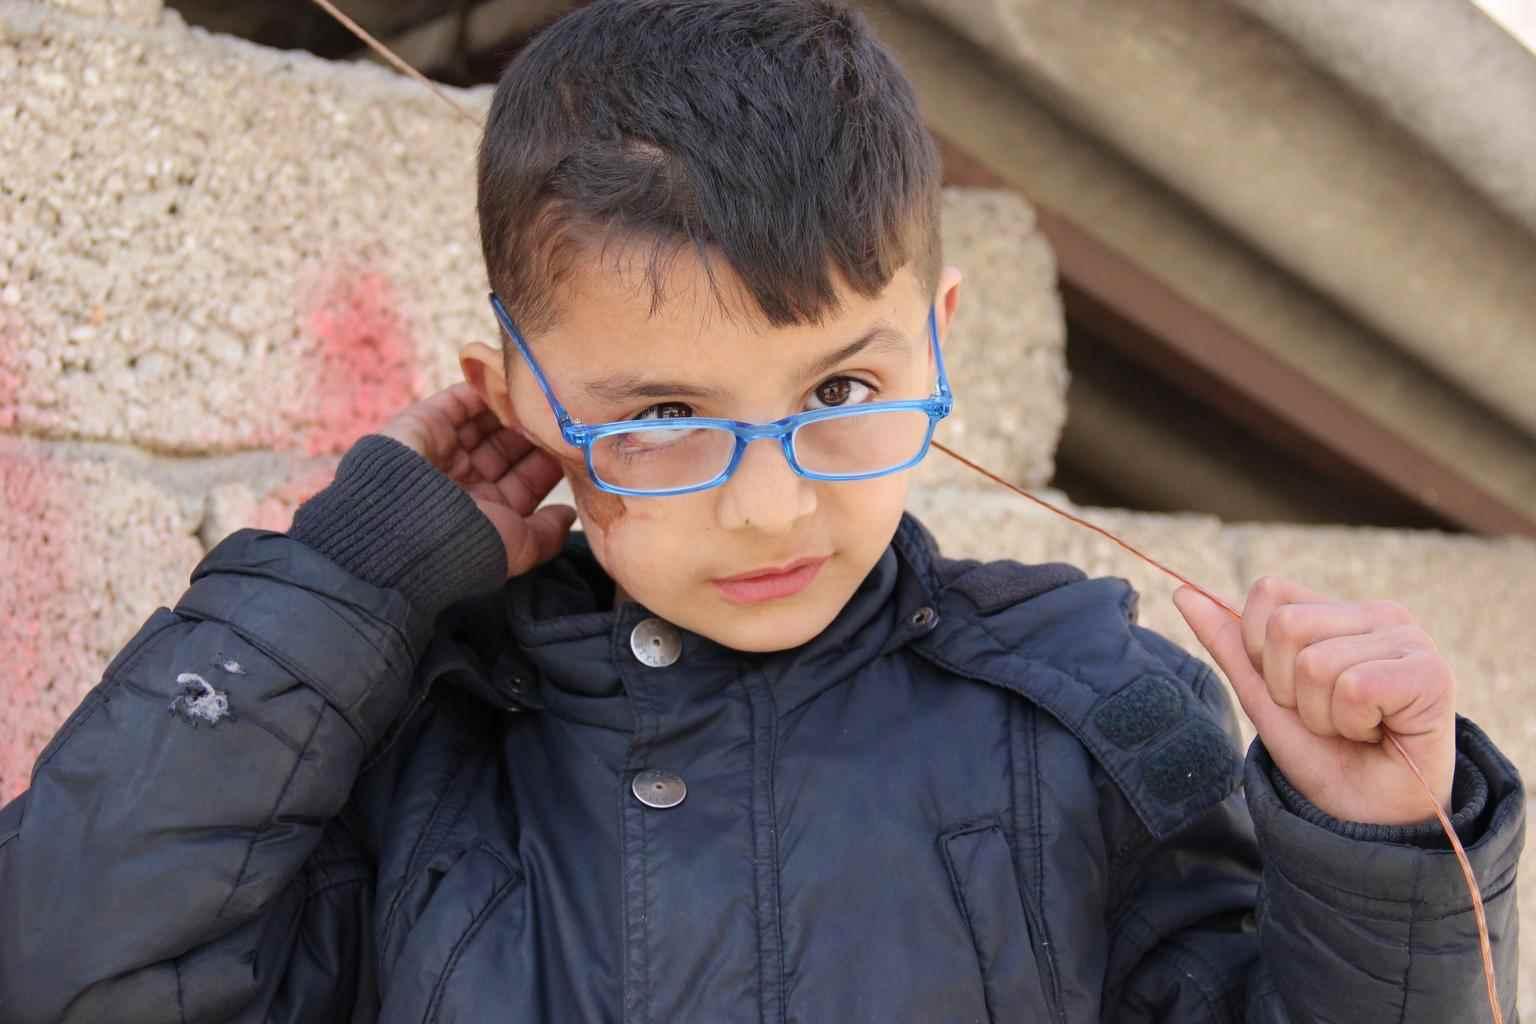 """قال صافي، البالغ من العمر تسع سنوات، """"أسقطت طائرة قنبلة برميلية على مدرستنا، أُصبت عندما أسقطت قنبلة أخرى، بشظايا في وجهي وظهري"""". وتابع صافي أن بعض أصدقائه يخافونه ولا يرغبون باللعب معه بسبب هذه الندبة في وجبهه- آذار 2014 (يونيسيف)"""